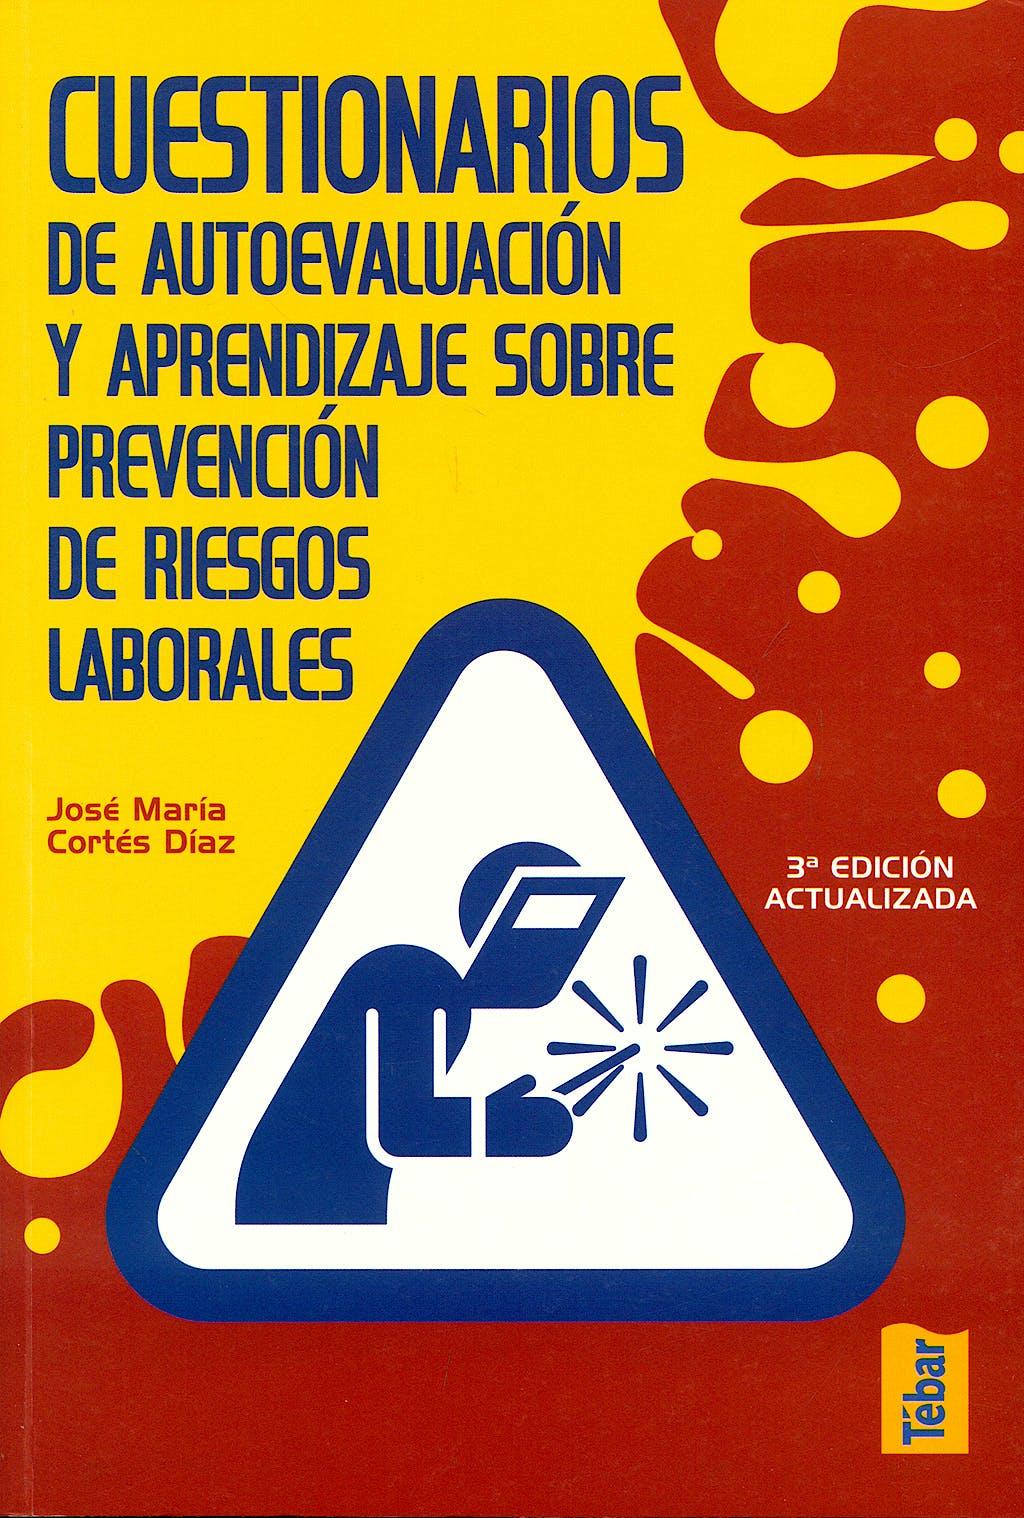 Portada del libro 9788473603164 Cuestionarios de Autoevaluacion y Aprendizaje sobre Prevencion